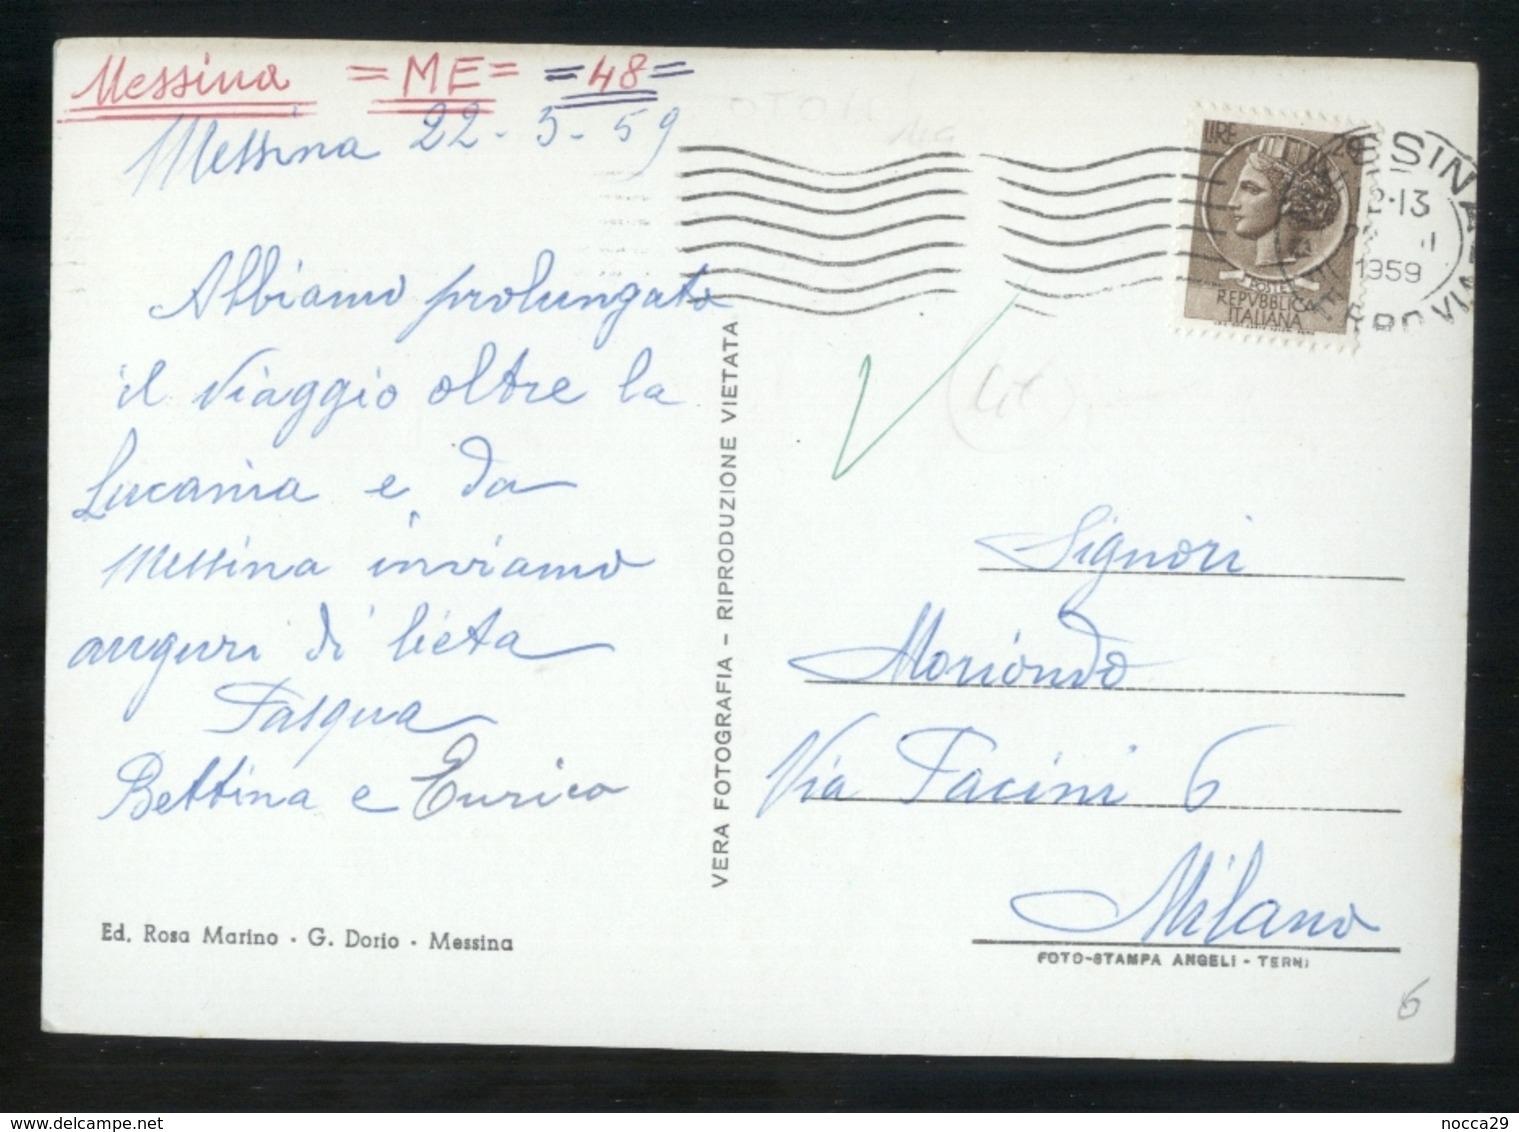 MESSINA 1959 SERVIZIO POSTALE CON ELICOTTERO IN PIAZZA MUNICIPIO - Elicotteri